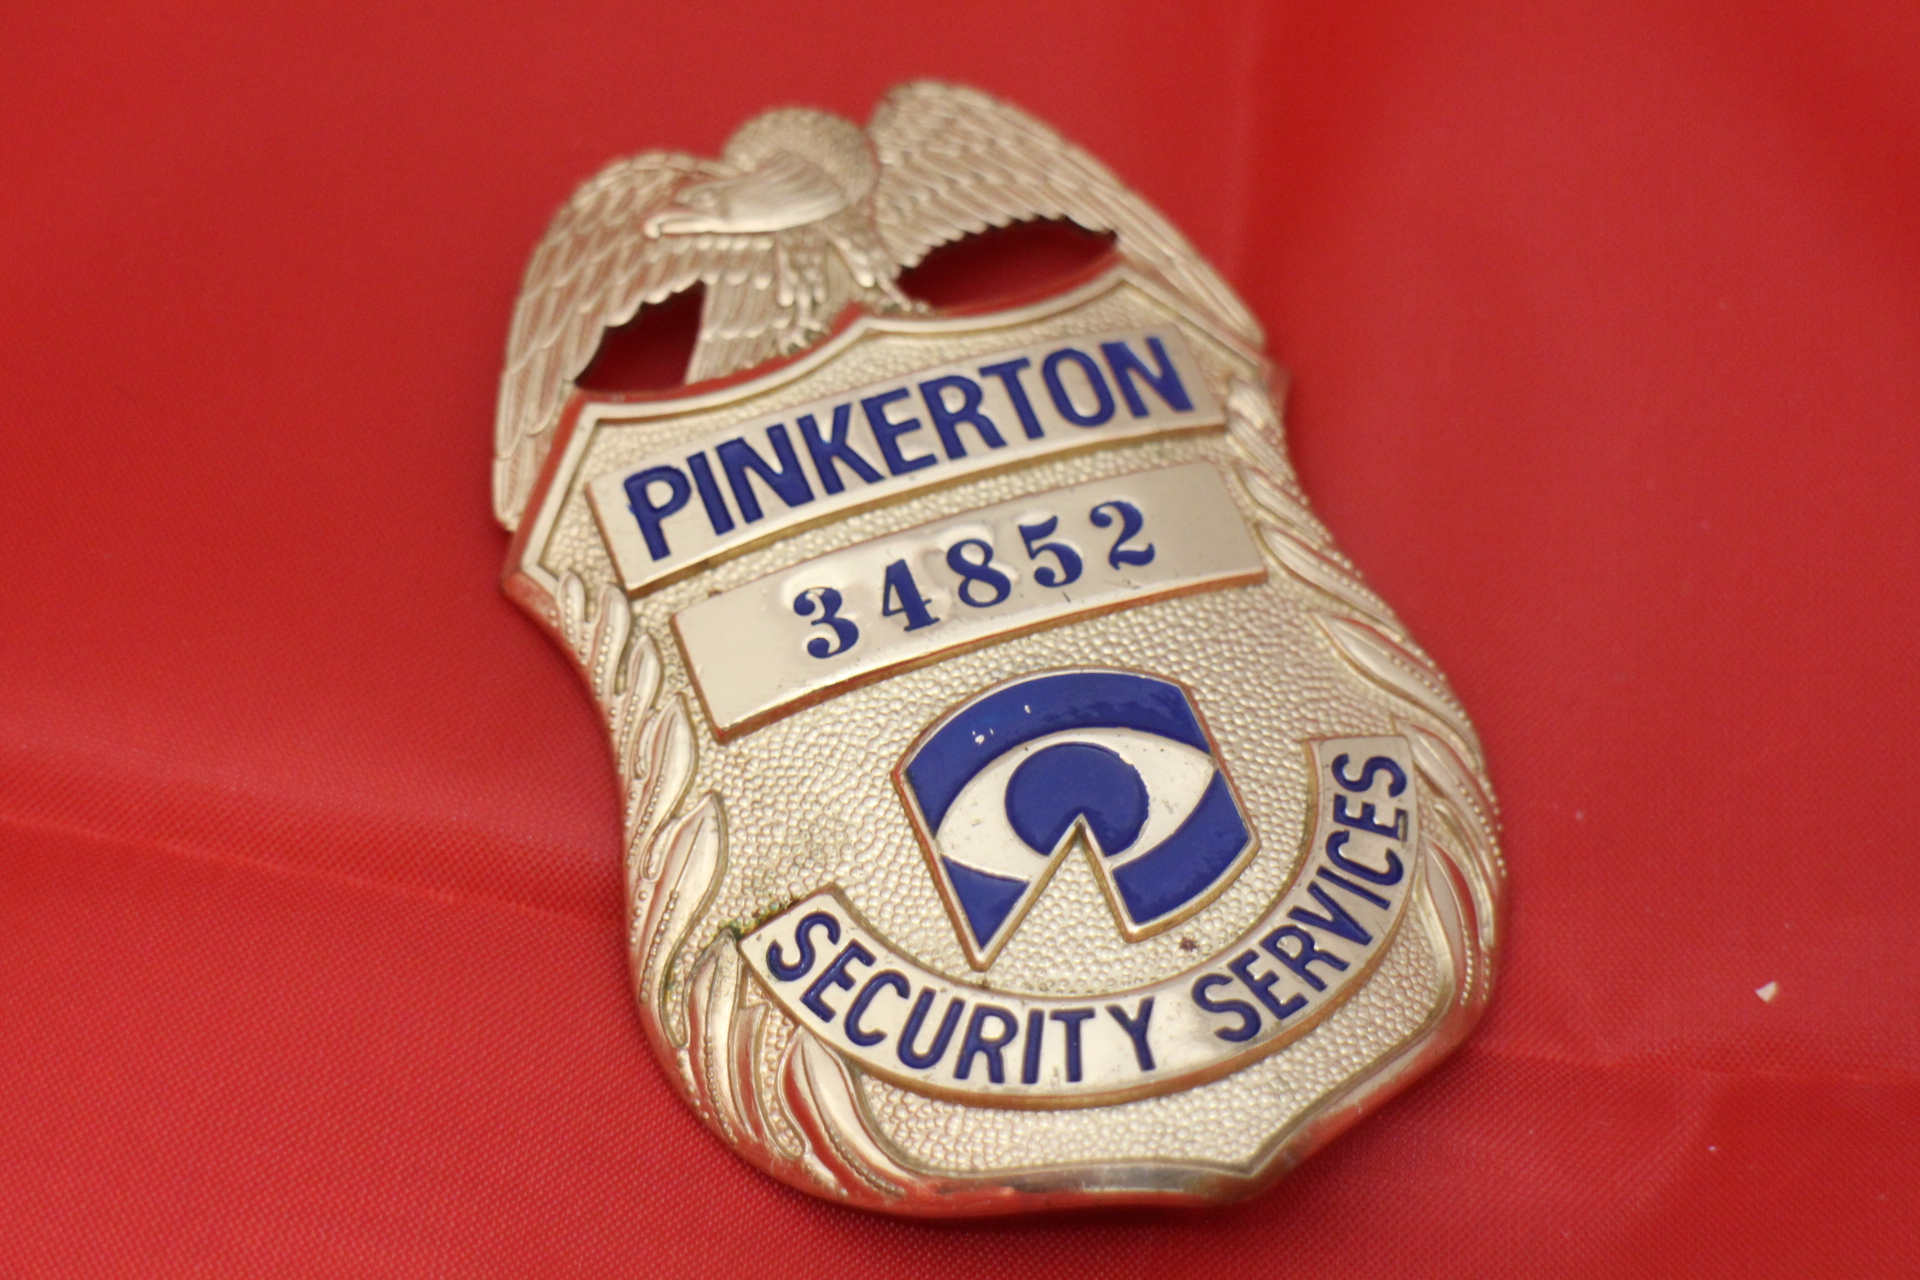 security services pinkerton us badge mit nummer. Black Bedroom Furniture Sets. Home Design Ideas